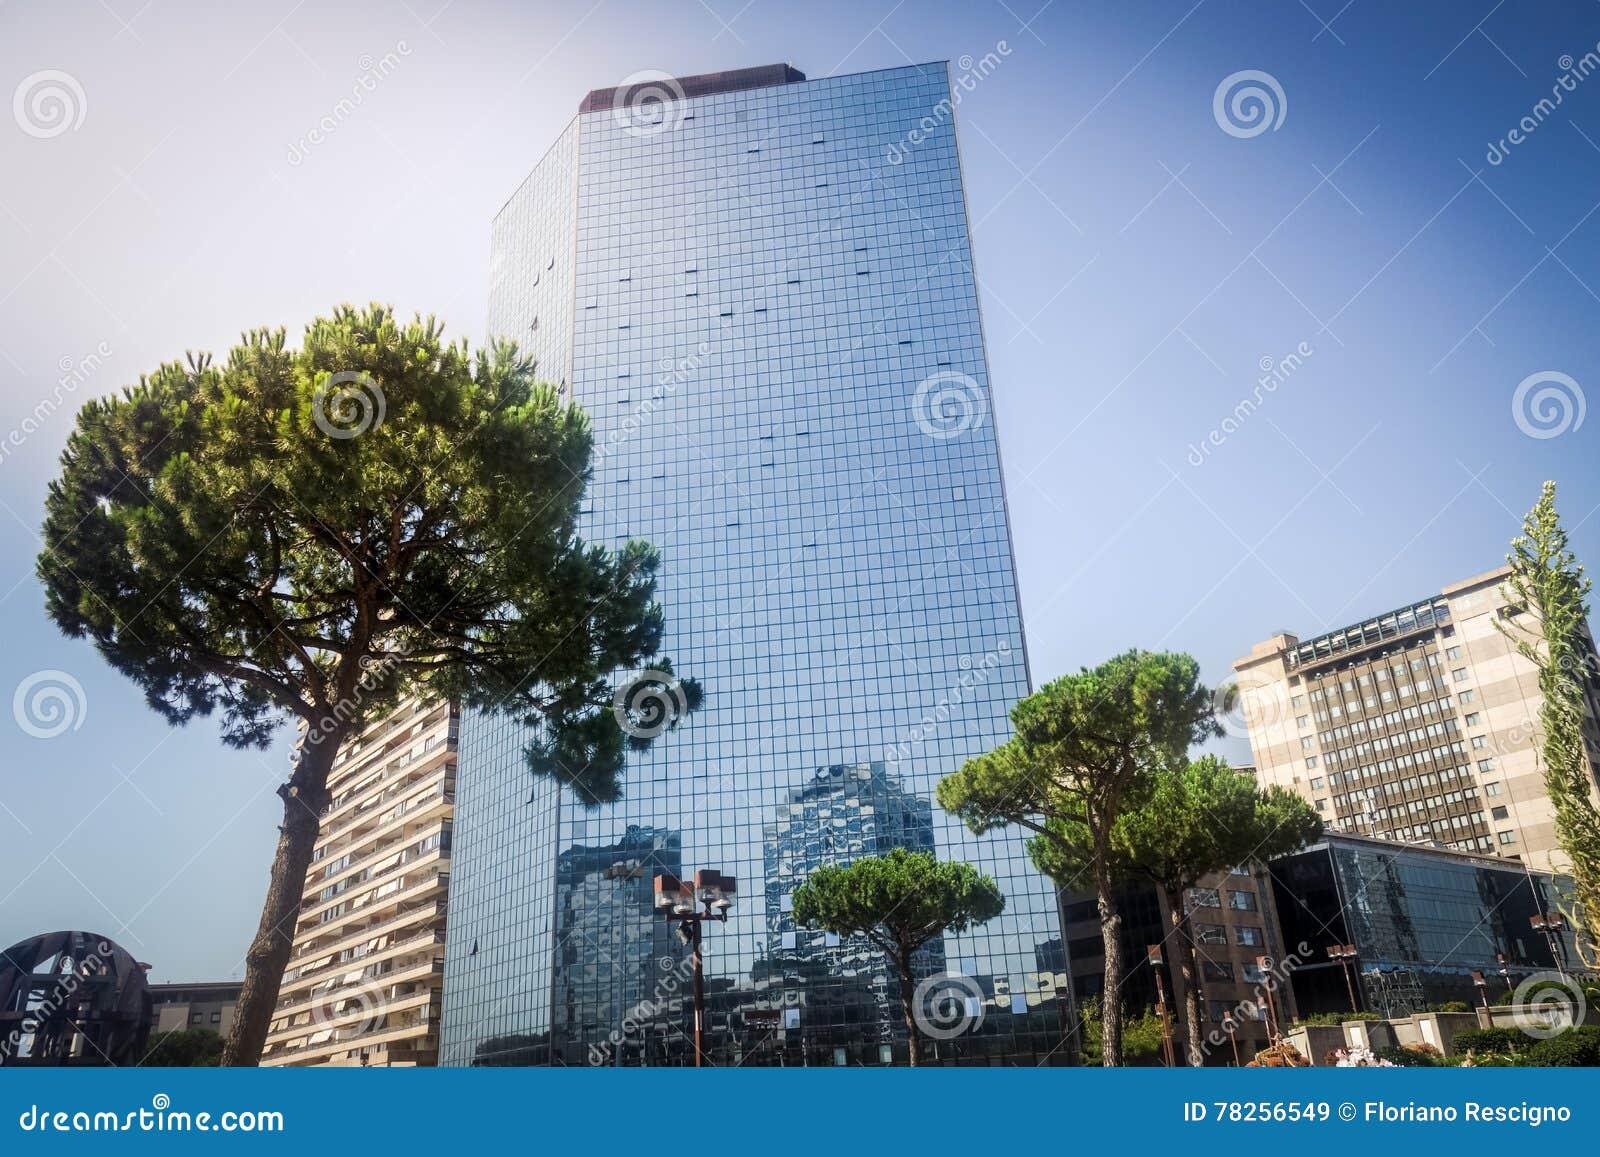 σύγχρονοι ουρανοξύστες εμπορικών κέντρων